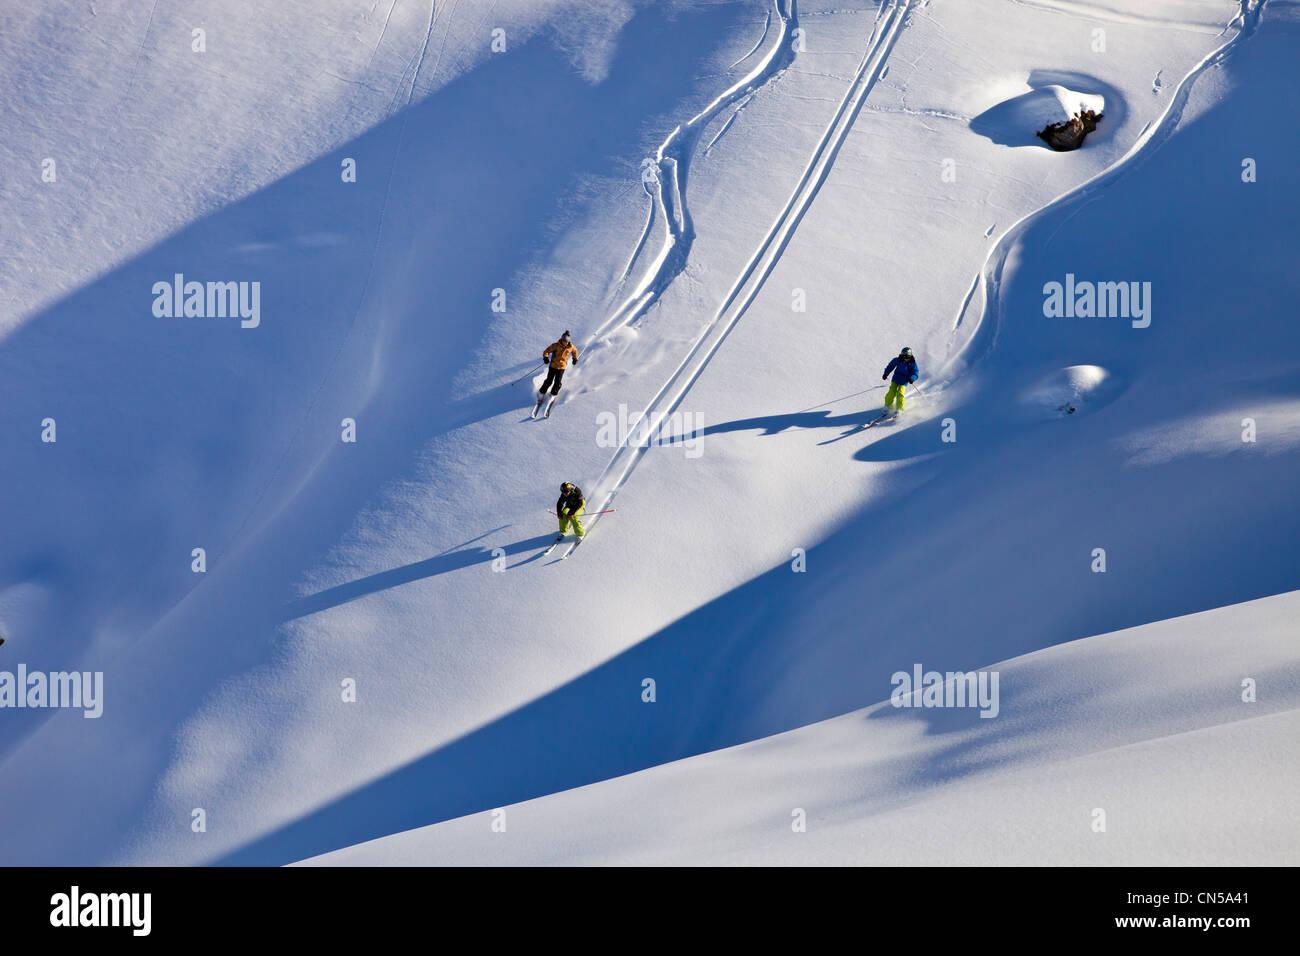 Francia, Savoie, Massif de la Vanoise, La Valle Tarentaise, Valmorel, adolescente sci fuoripista in polvere di neve Immagini Stock